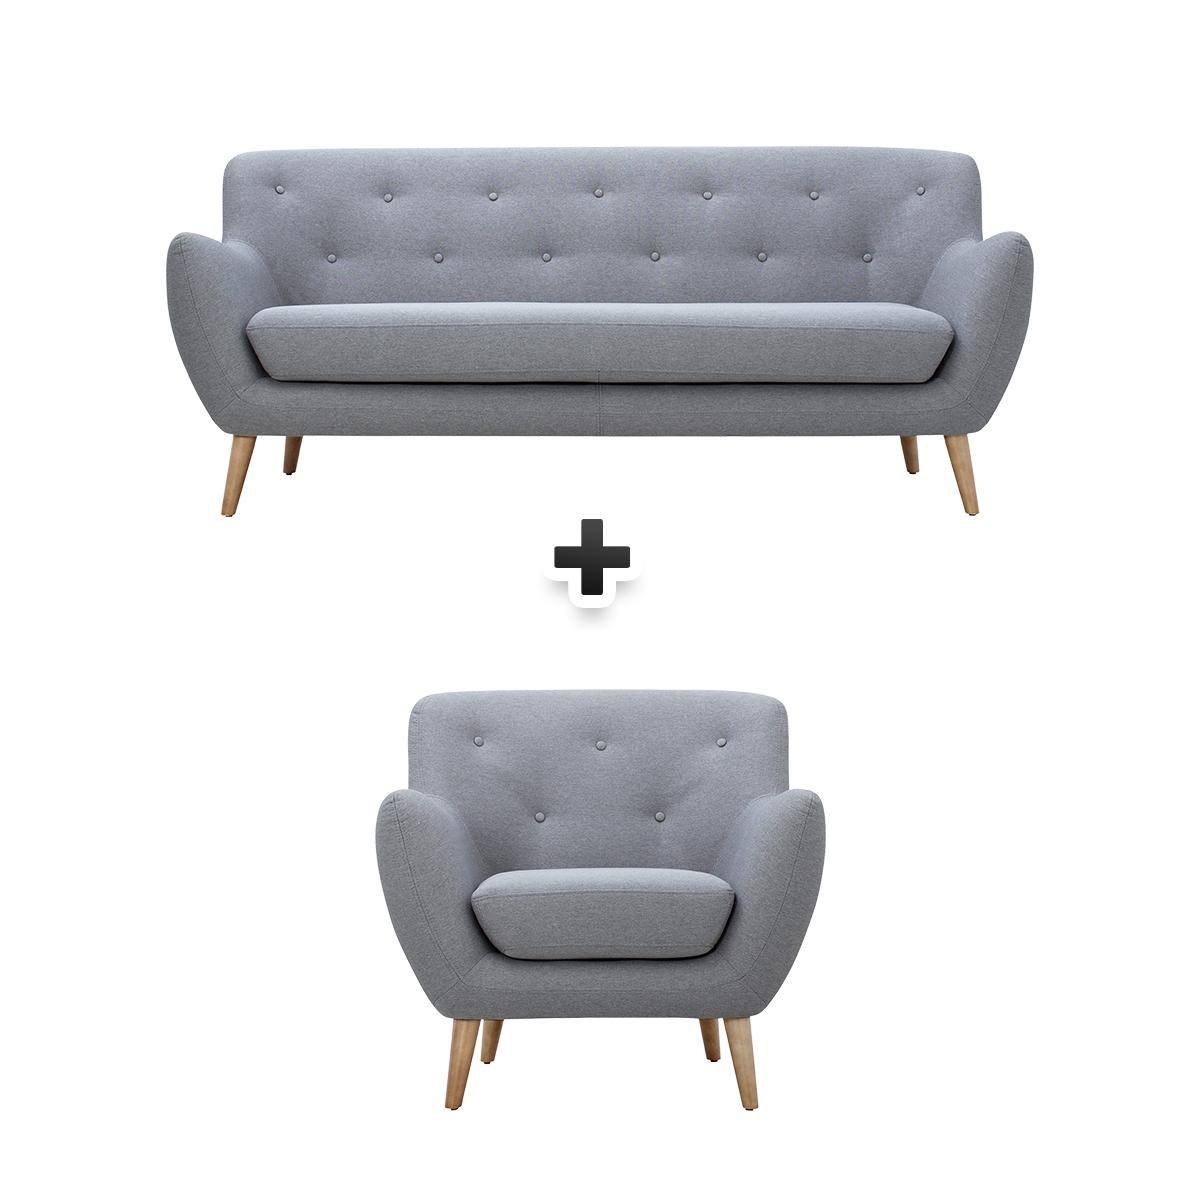 Canapé 3 places + fauteuil tissu gris clair MILO